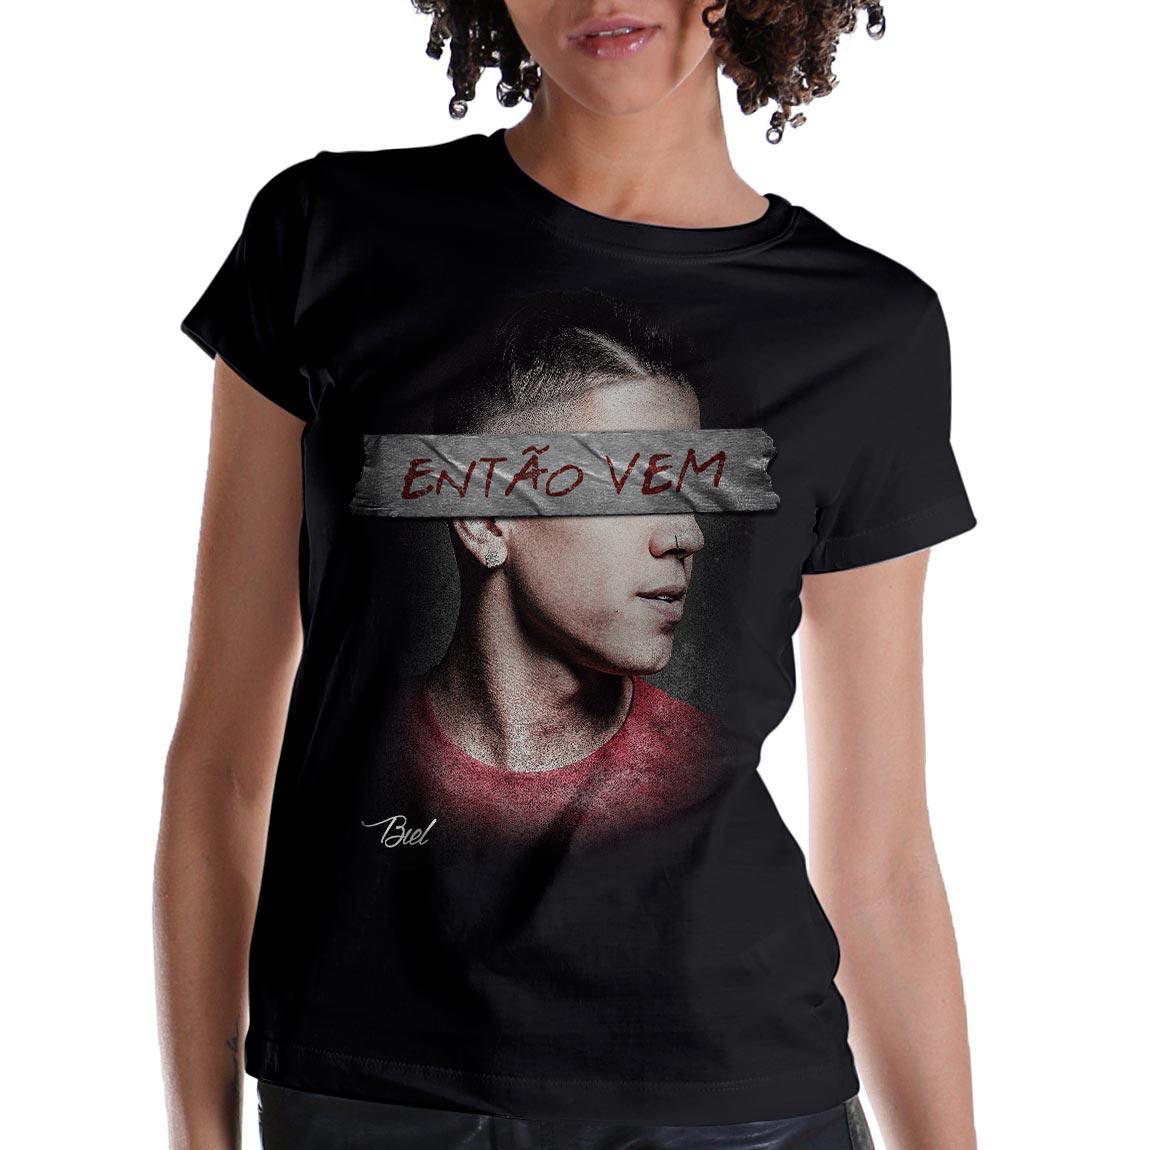 Camiseta Feminina Biel Então Vem